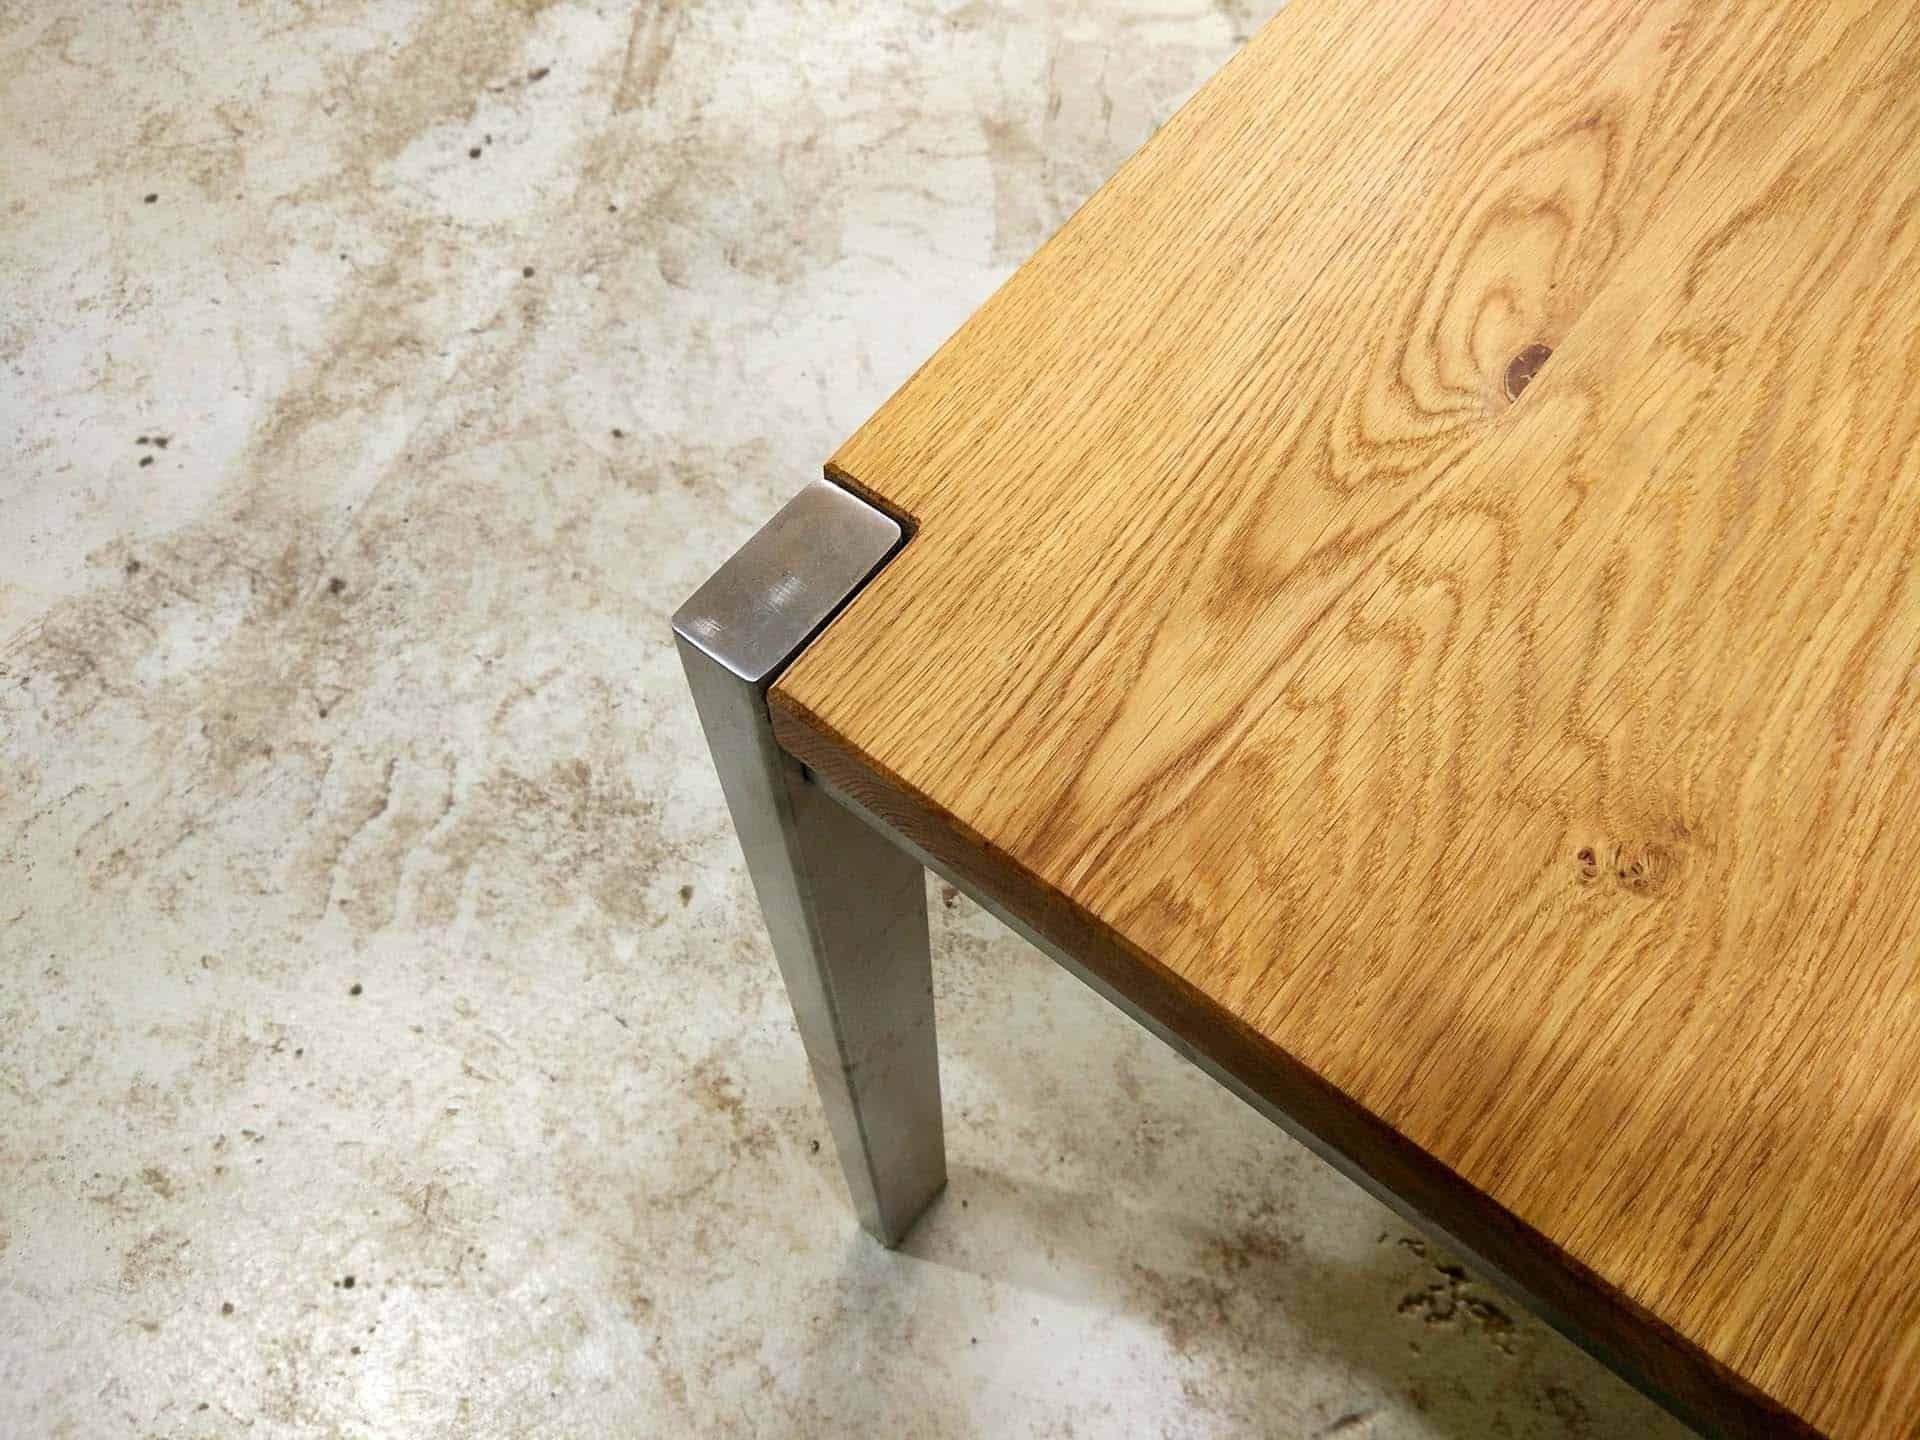 Tisch Ferrum 003 Holz Metall Eiche Esstisch Gartentisch Stahlzart Holz Tische Holz Eiche